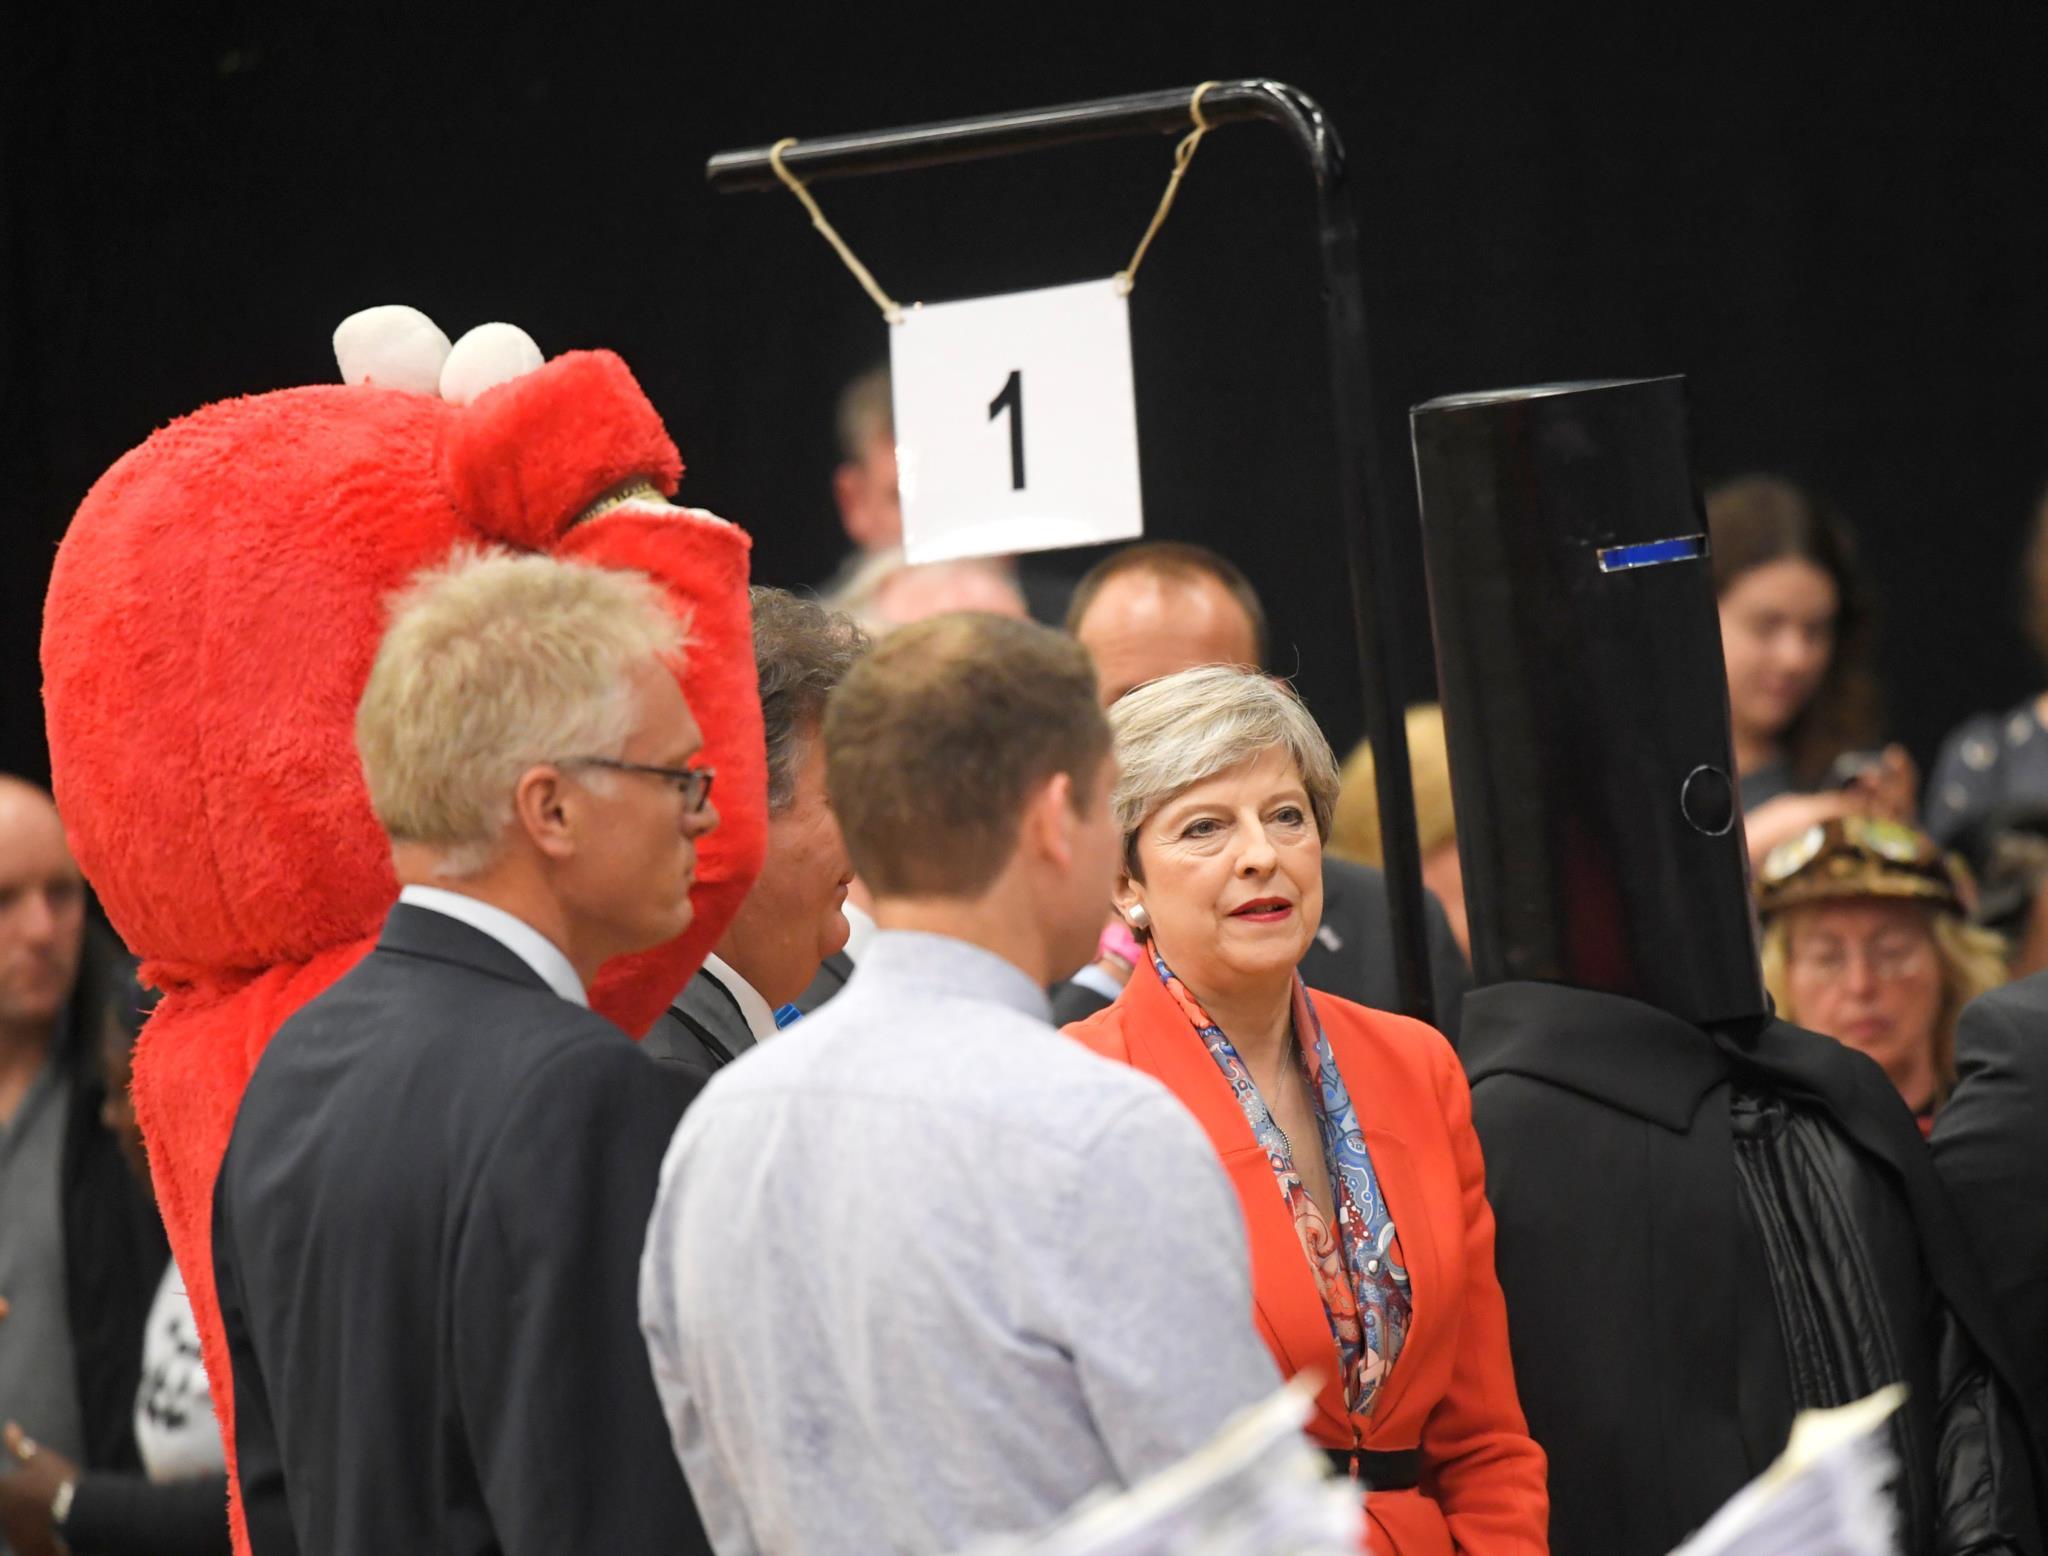 Theresa May rodeado por um candidato vestido de Elmo e pelo Lord Buckethead (Lorde Cabeça de Balde)